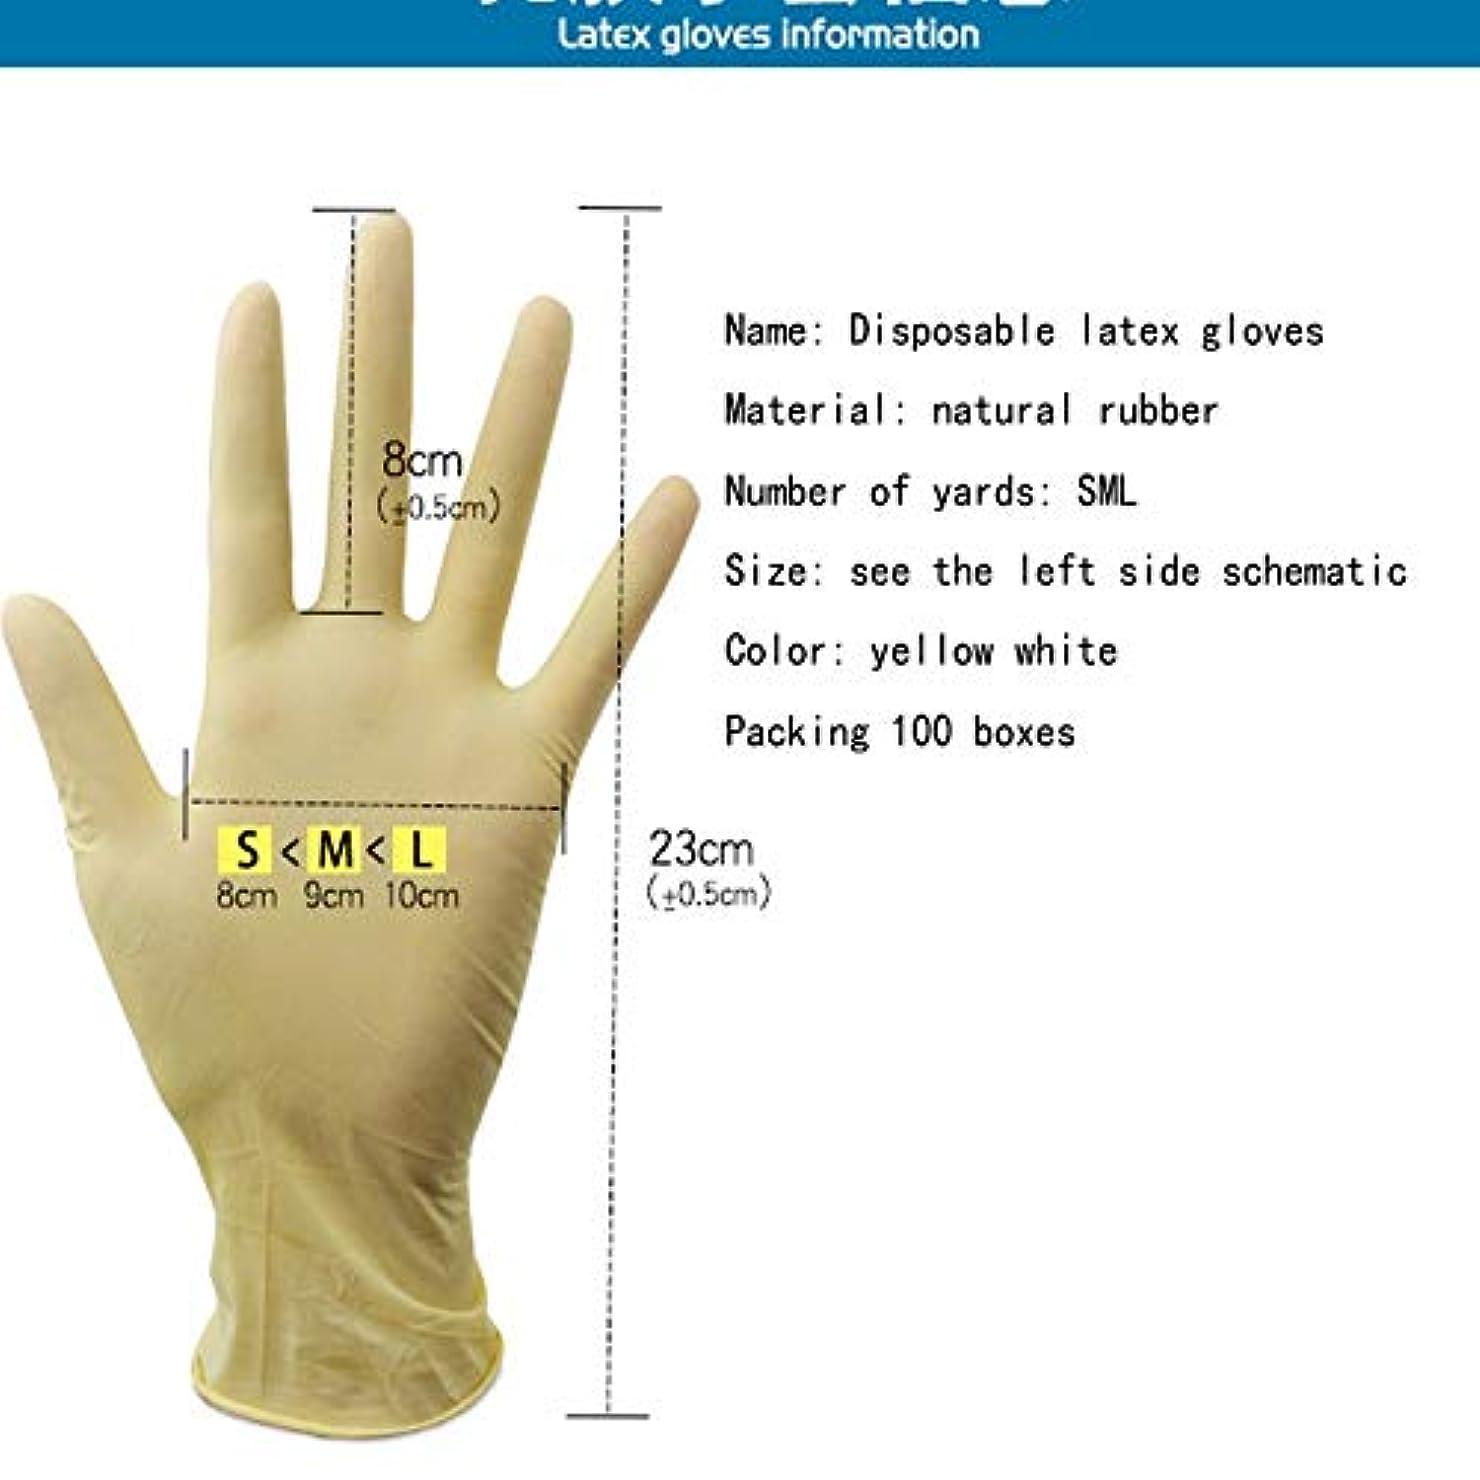 キャメル消毒剤試み使い捨て手袋 - これらの使い捨て食品準備手袋はまた台所クリーニング、プラスチックおよび透明のために使用することができます - 100部分ラテックス手袋 (Color : Beige)